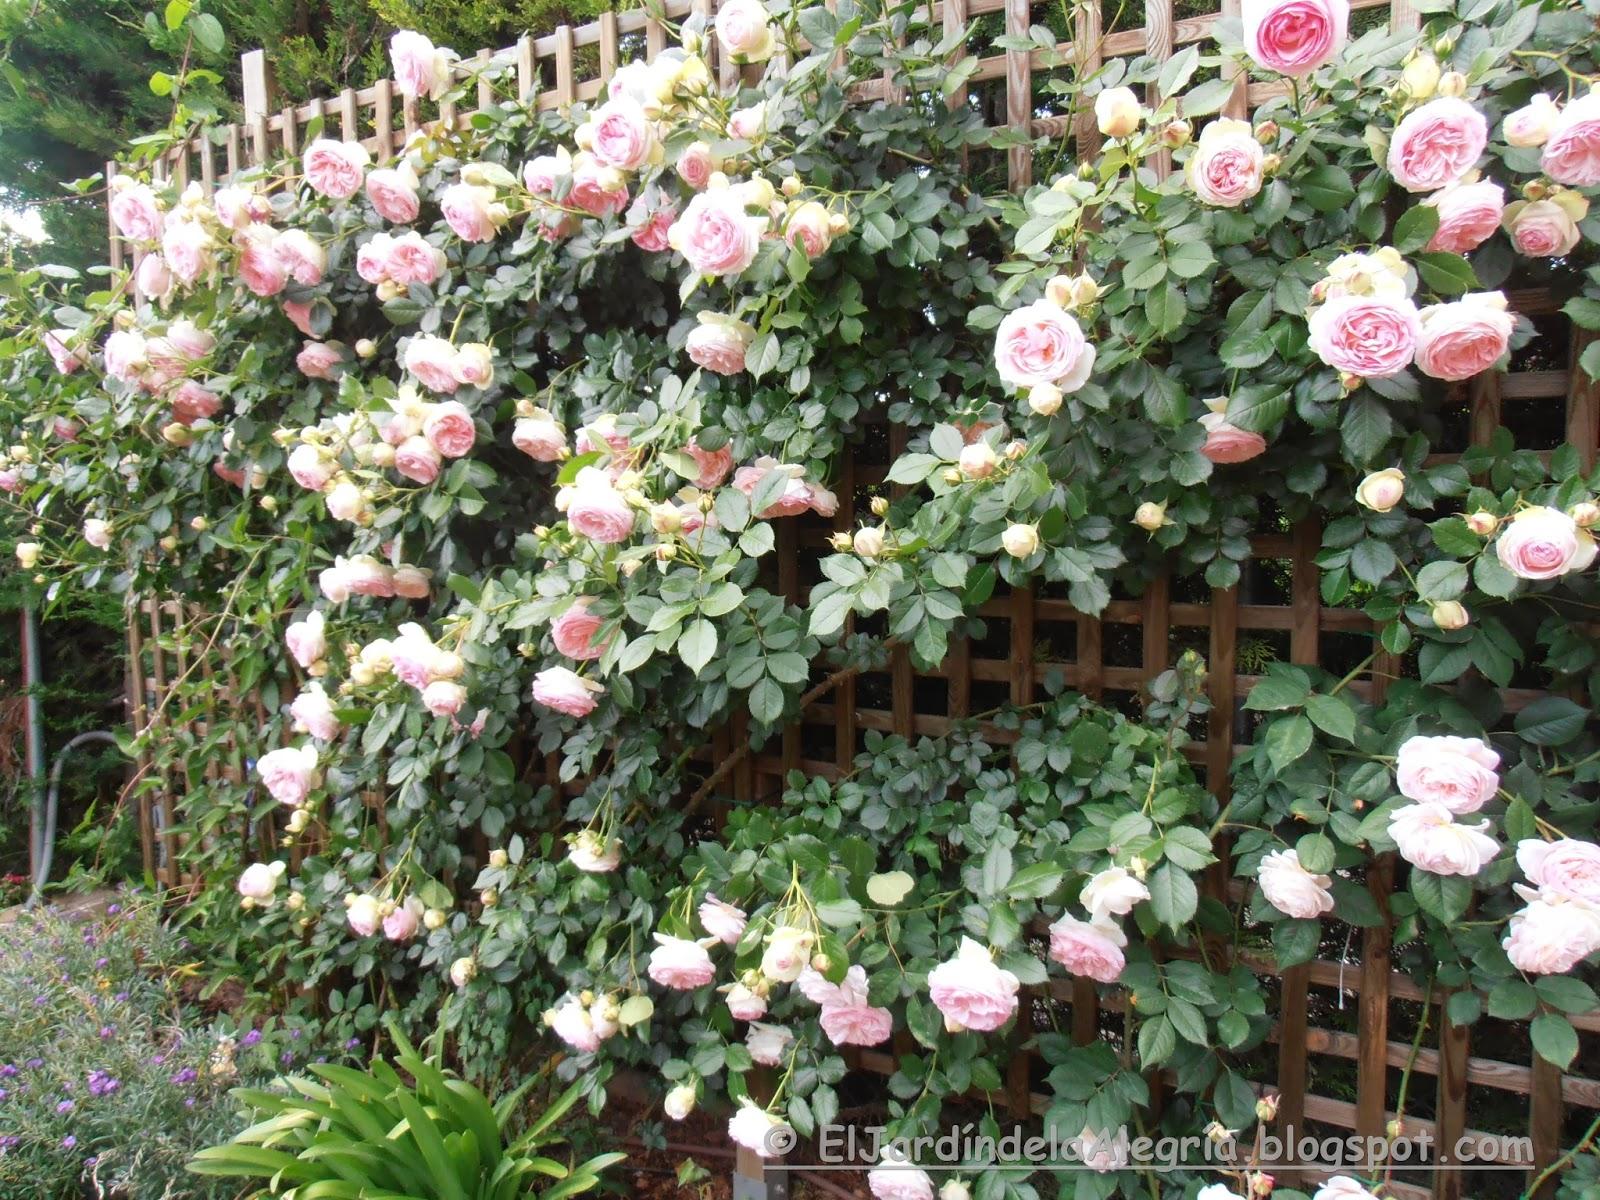 El jardín de la alegría : Cómo se podan los rosales trepadores ...